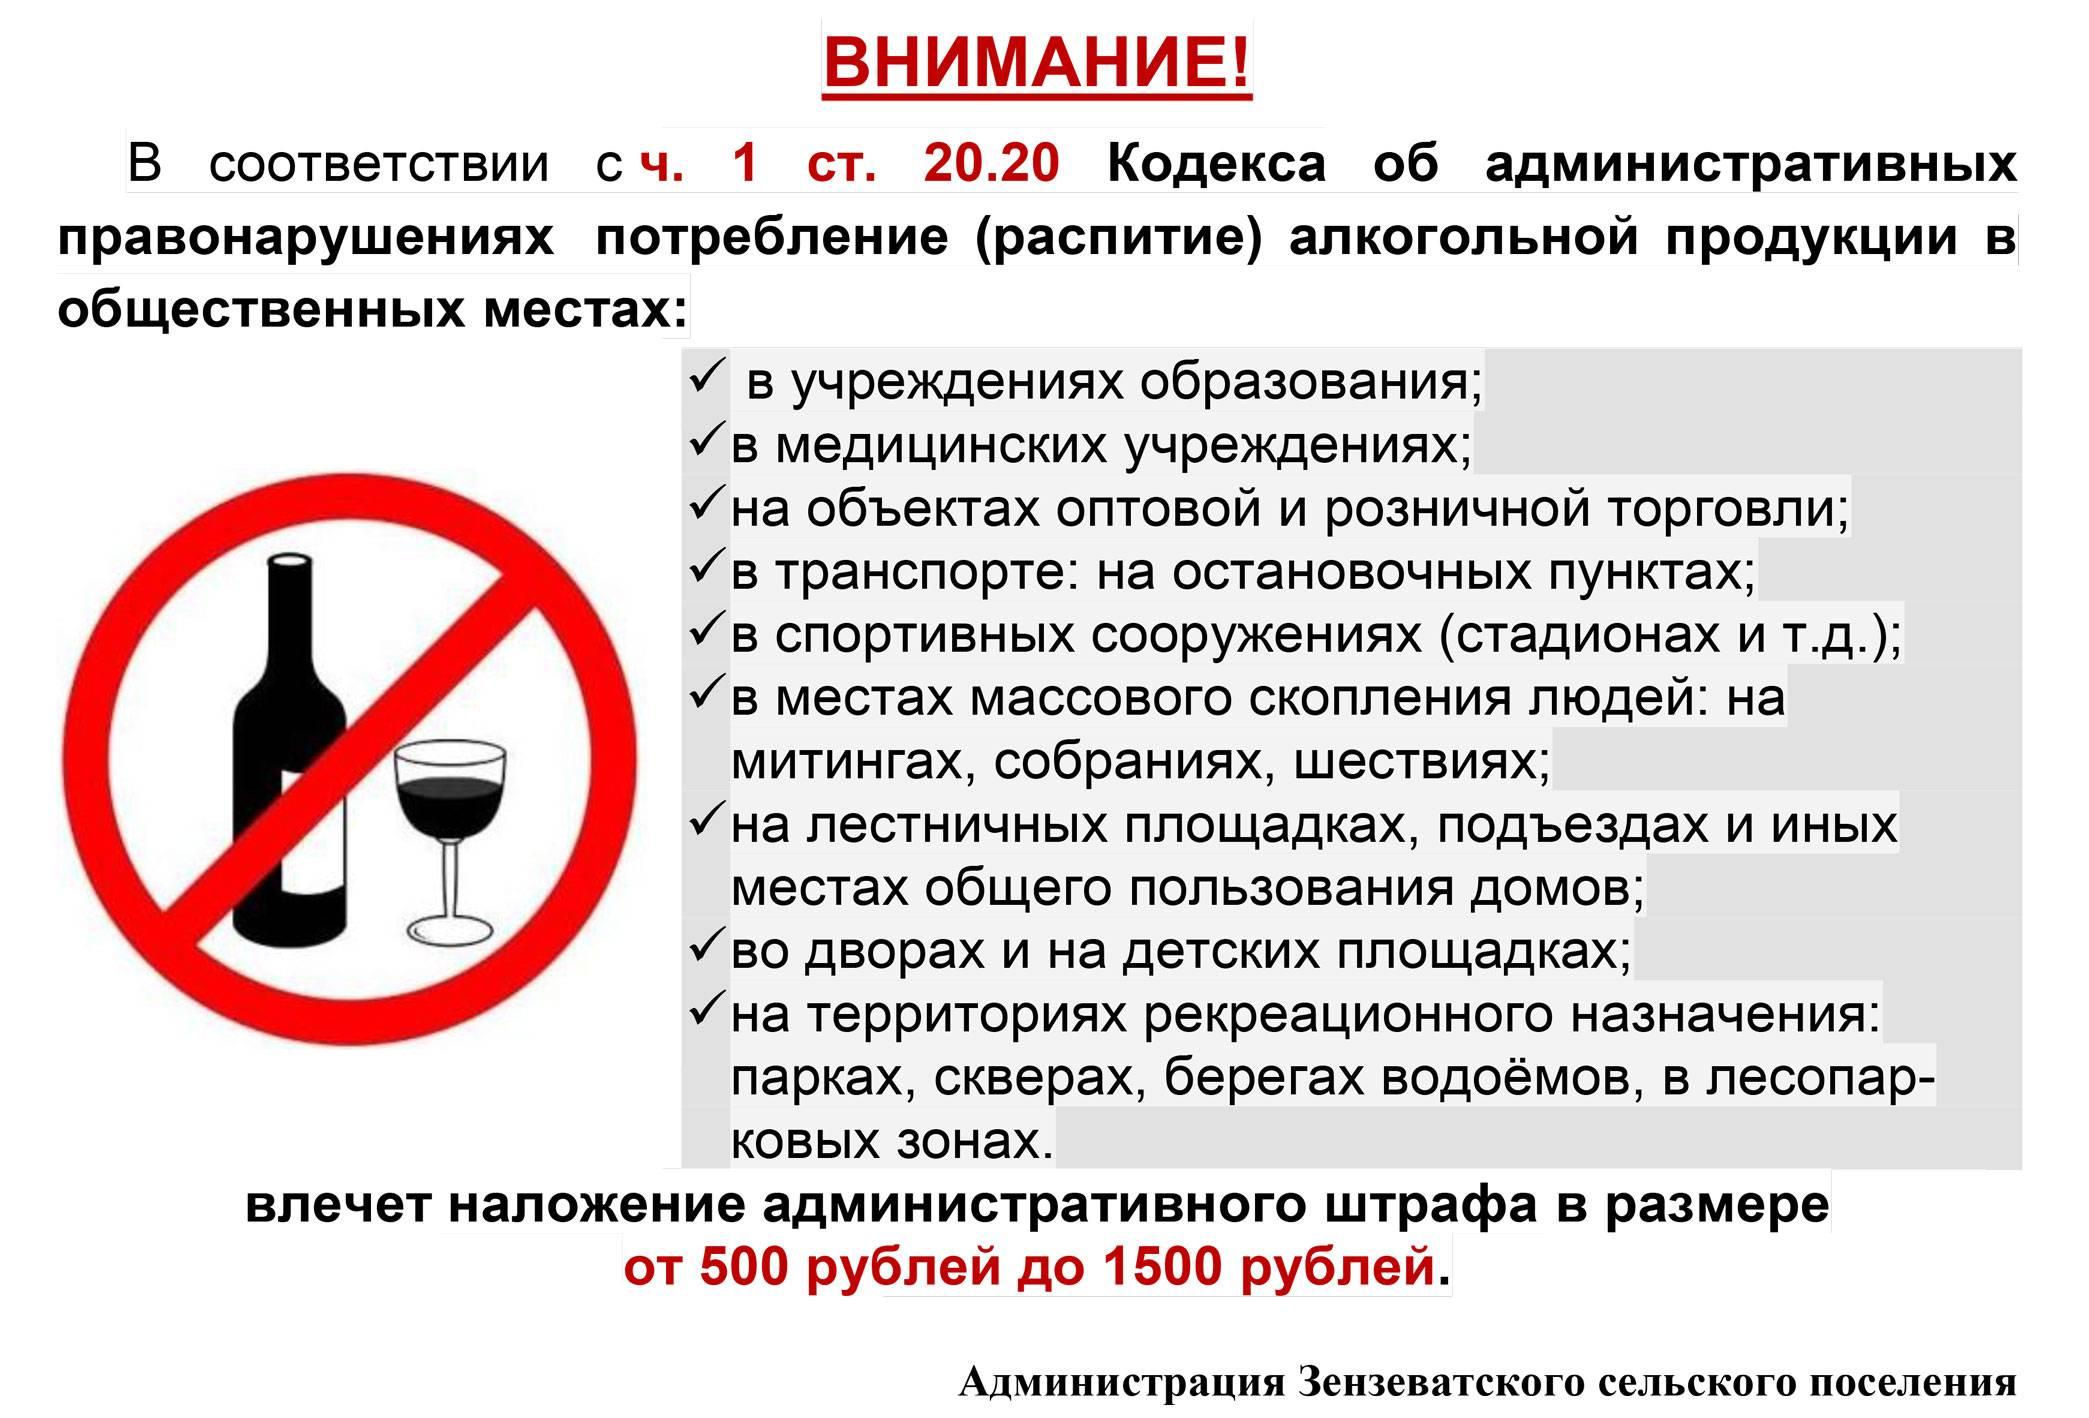 Распитие спиртных напитков в общественных местах, чем может грозить?